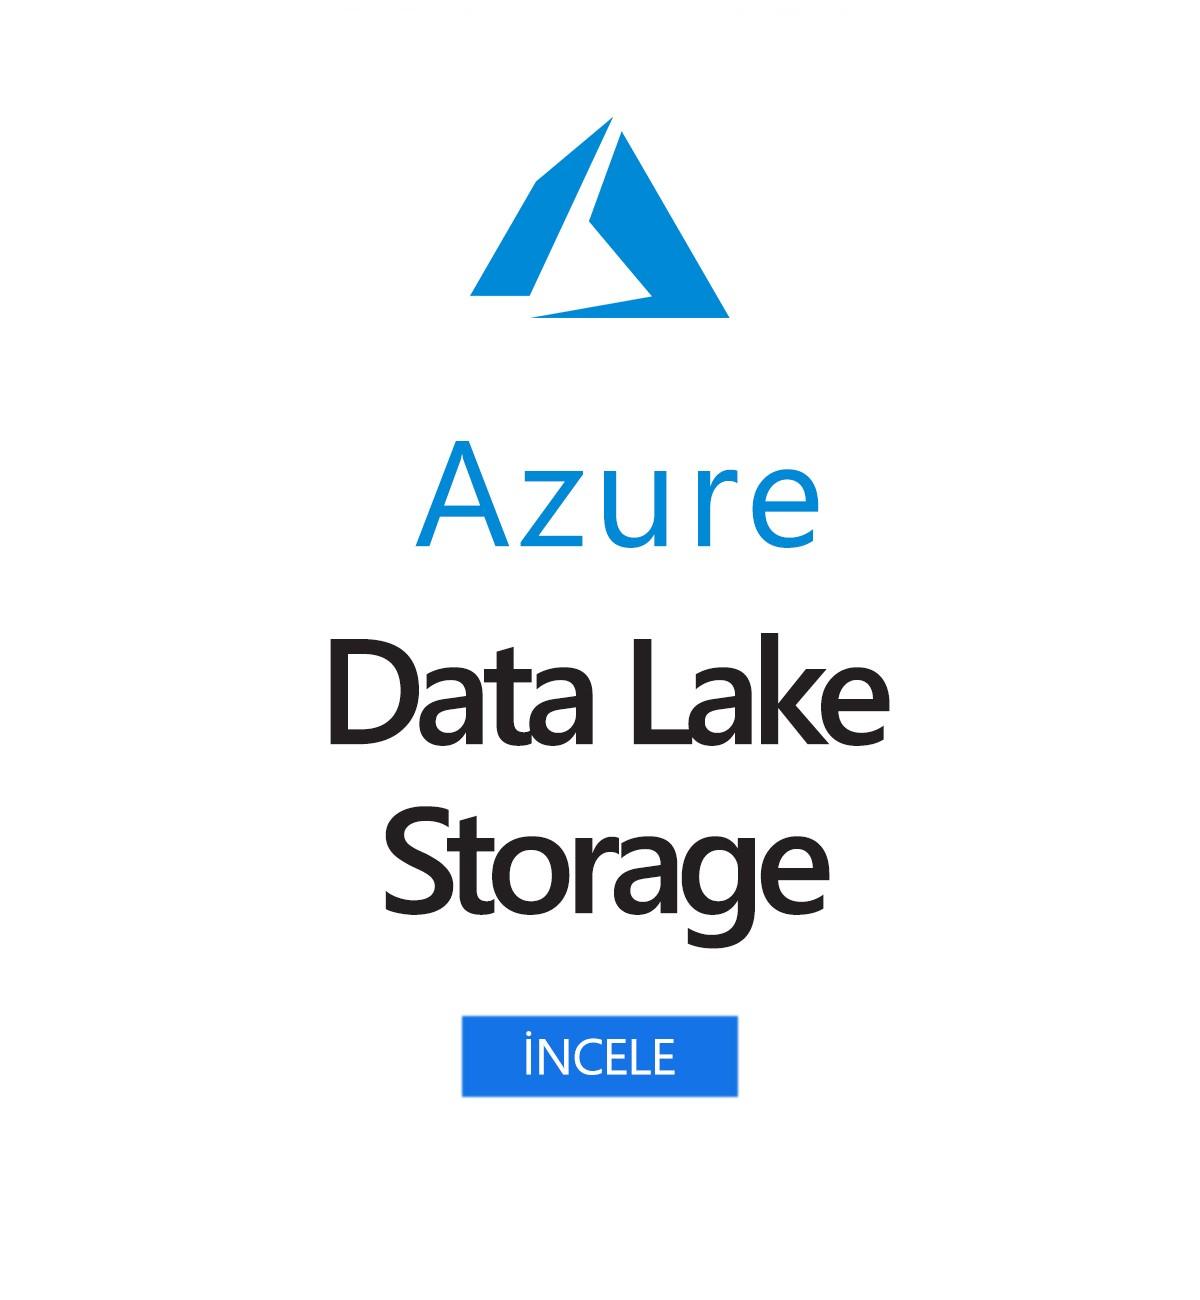 Azure Data Lake Storage